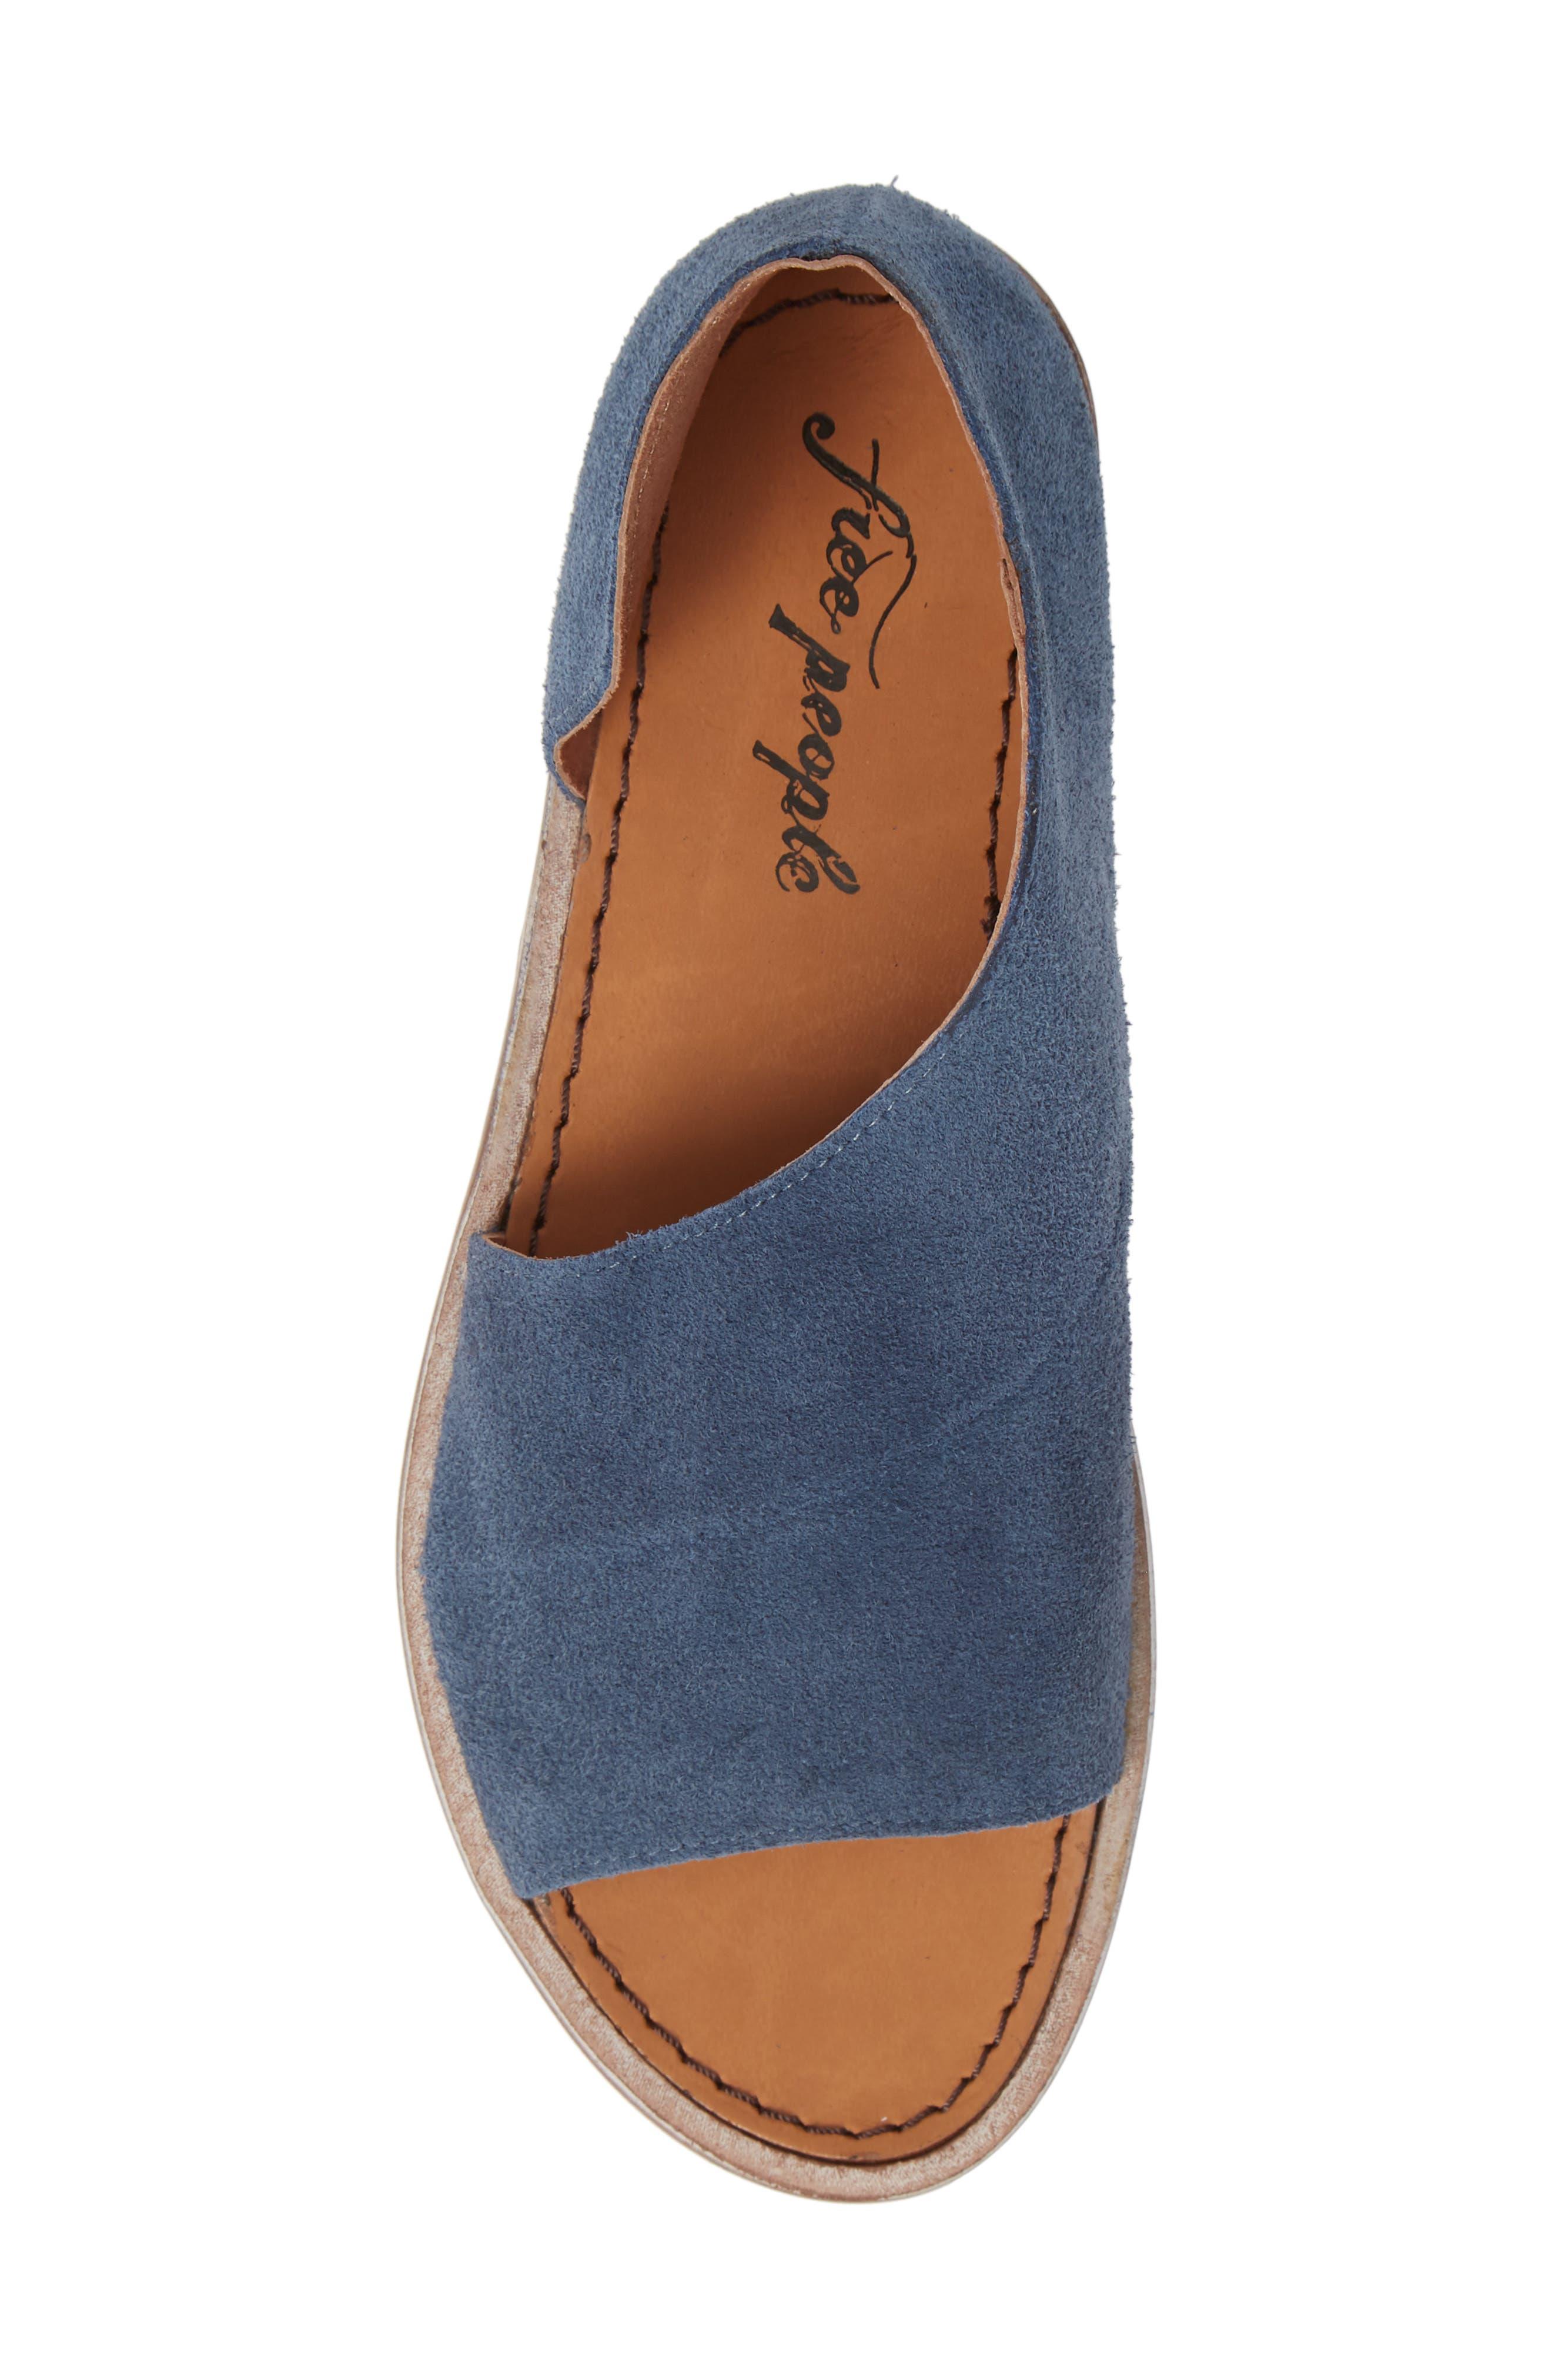 'Mont Blanc' Asymmetrical Sandal,                             Alternate thumbnail 5, color,                             BLUE SUEDE